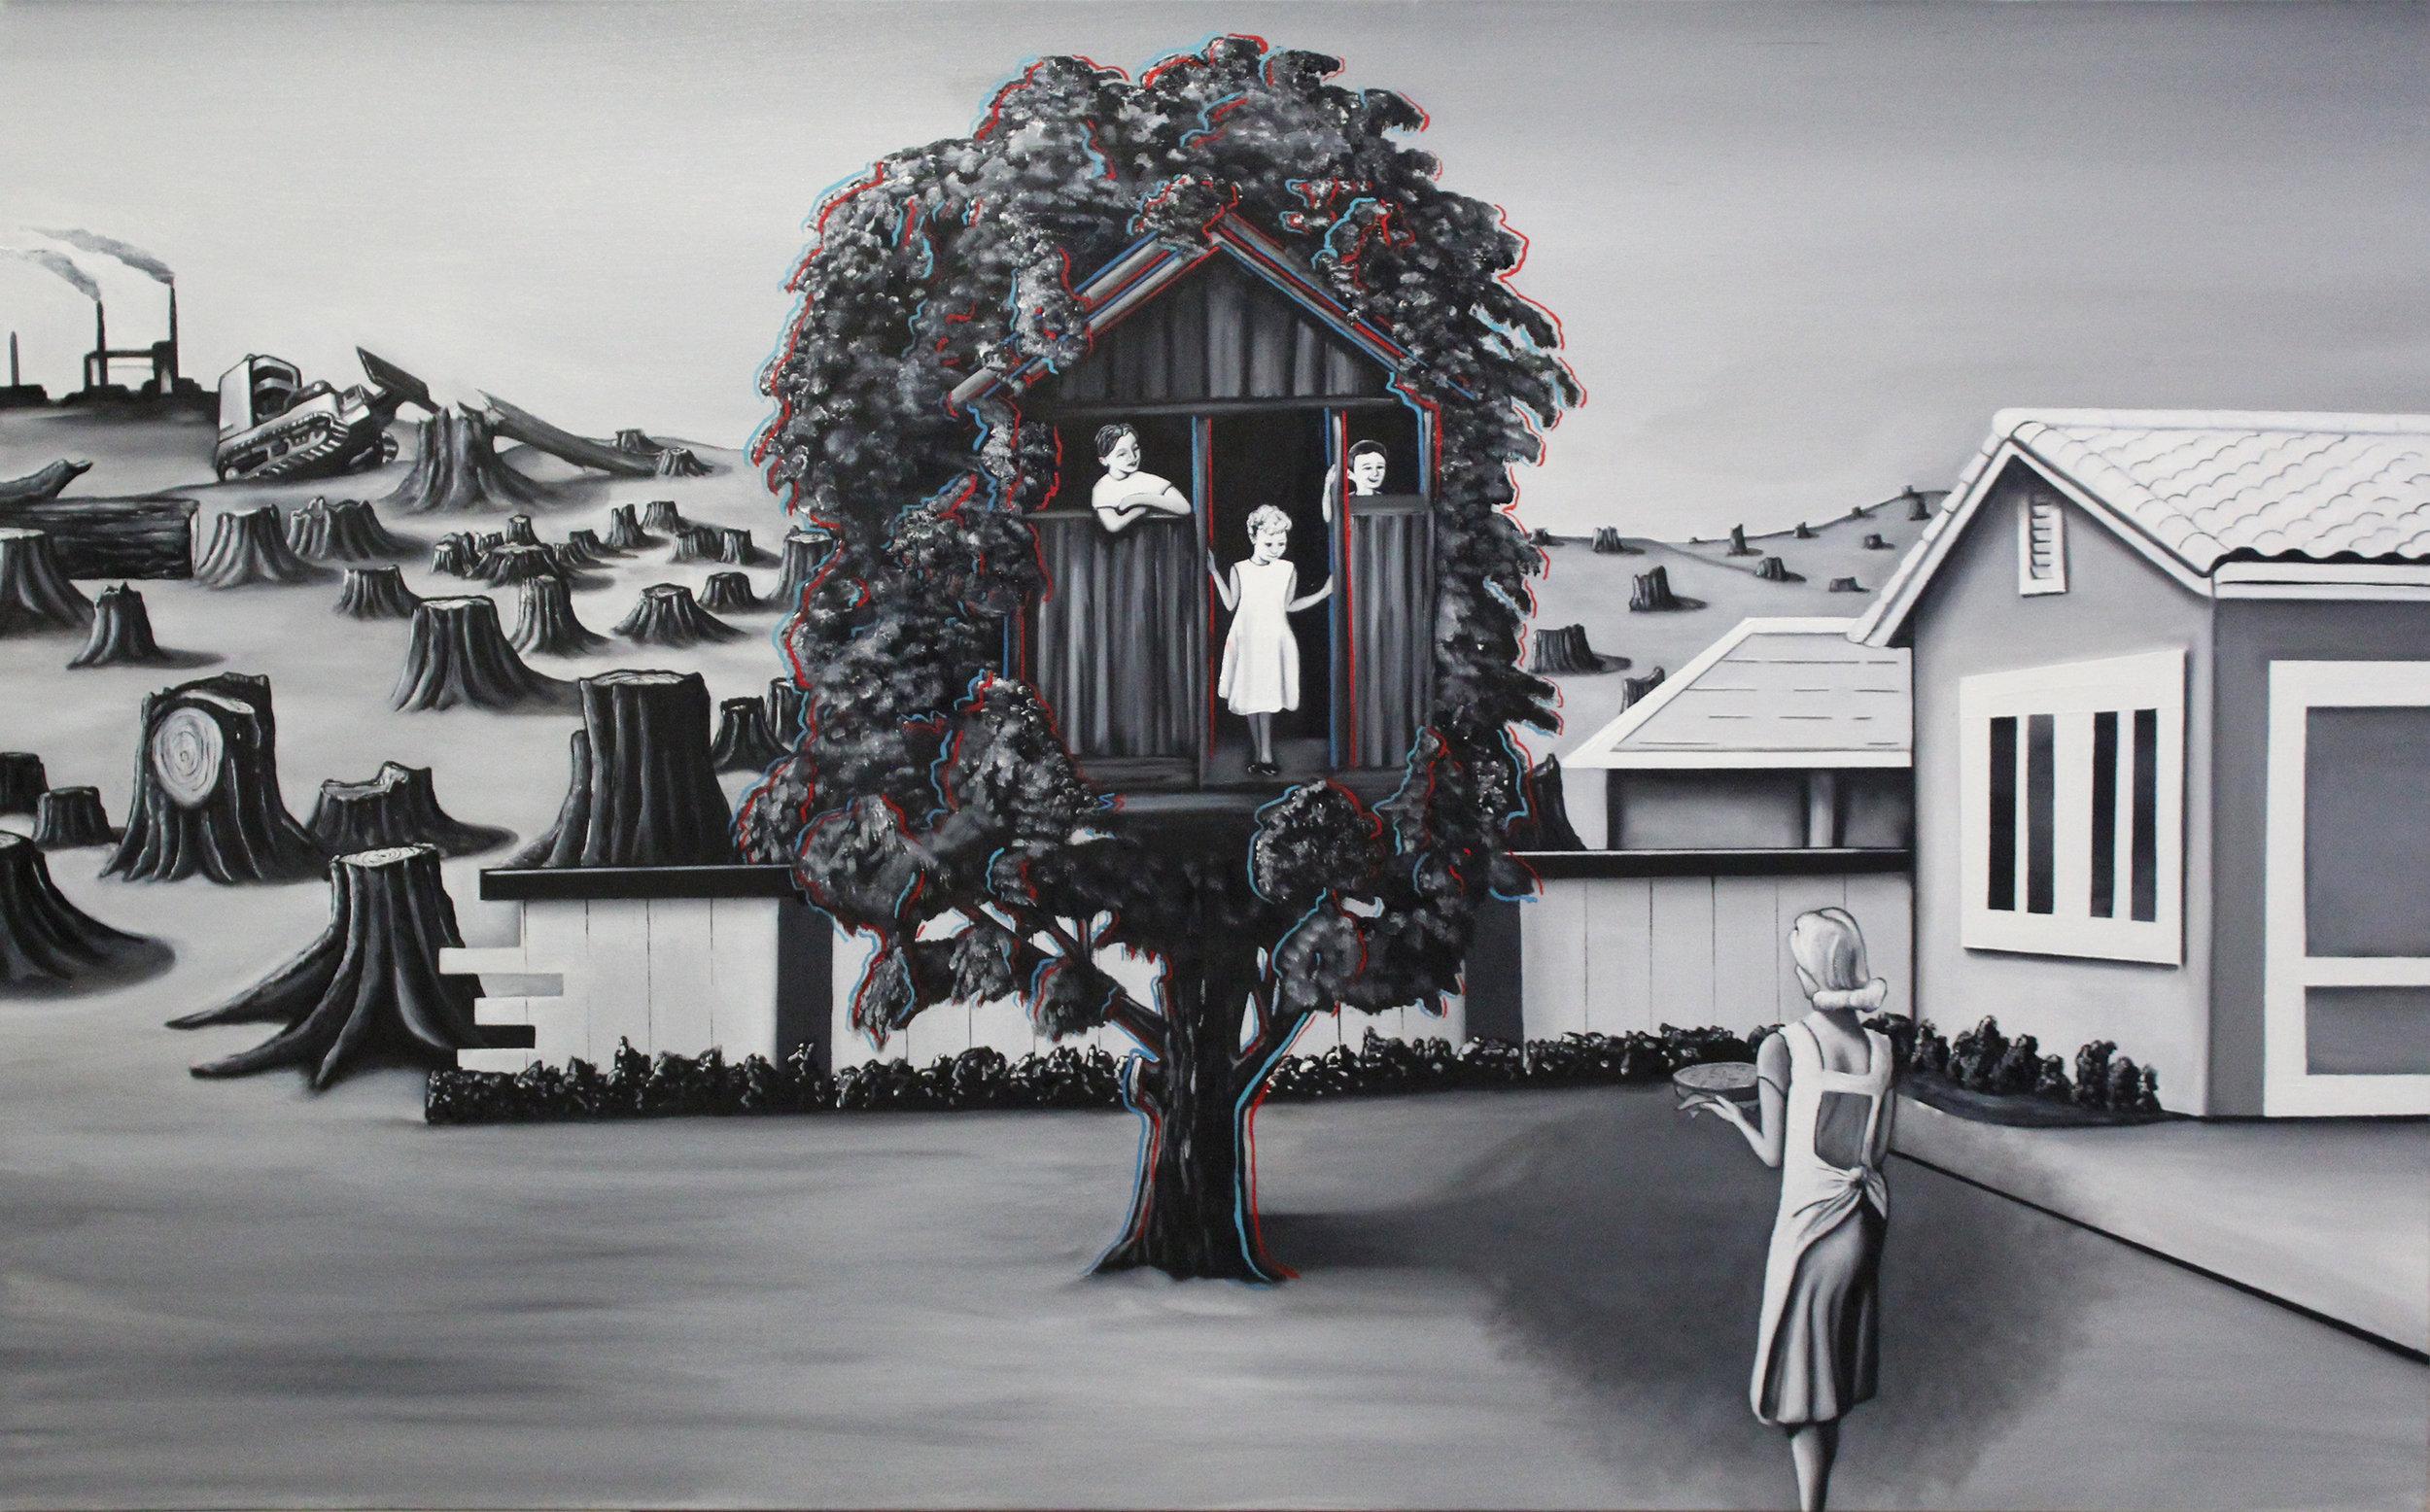 Don't Lose the Forest for the Fire, by Nico Aliguori (Aliguori Art)